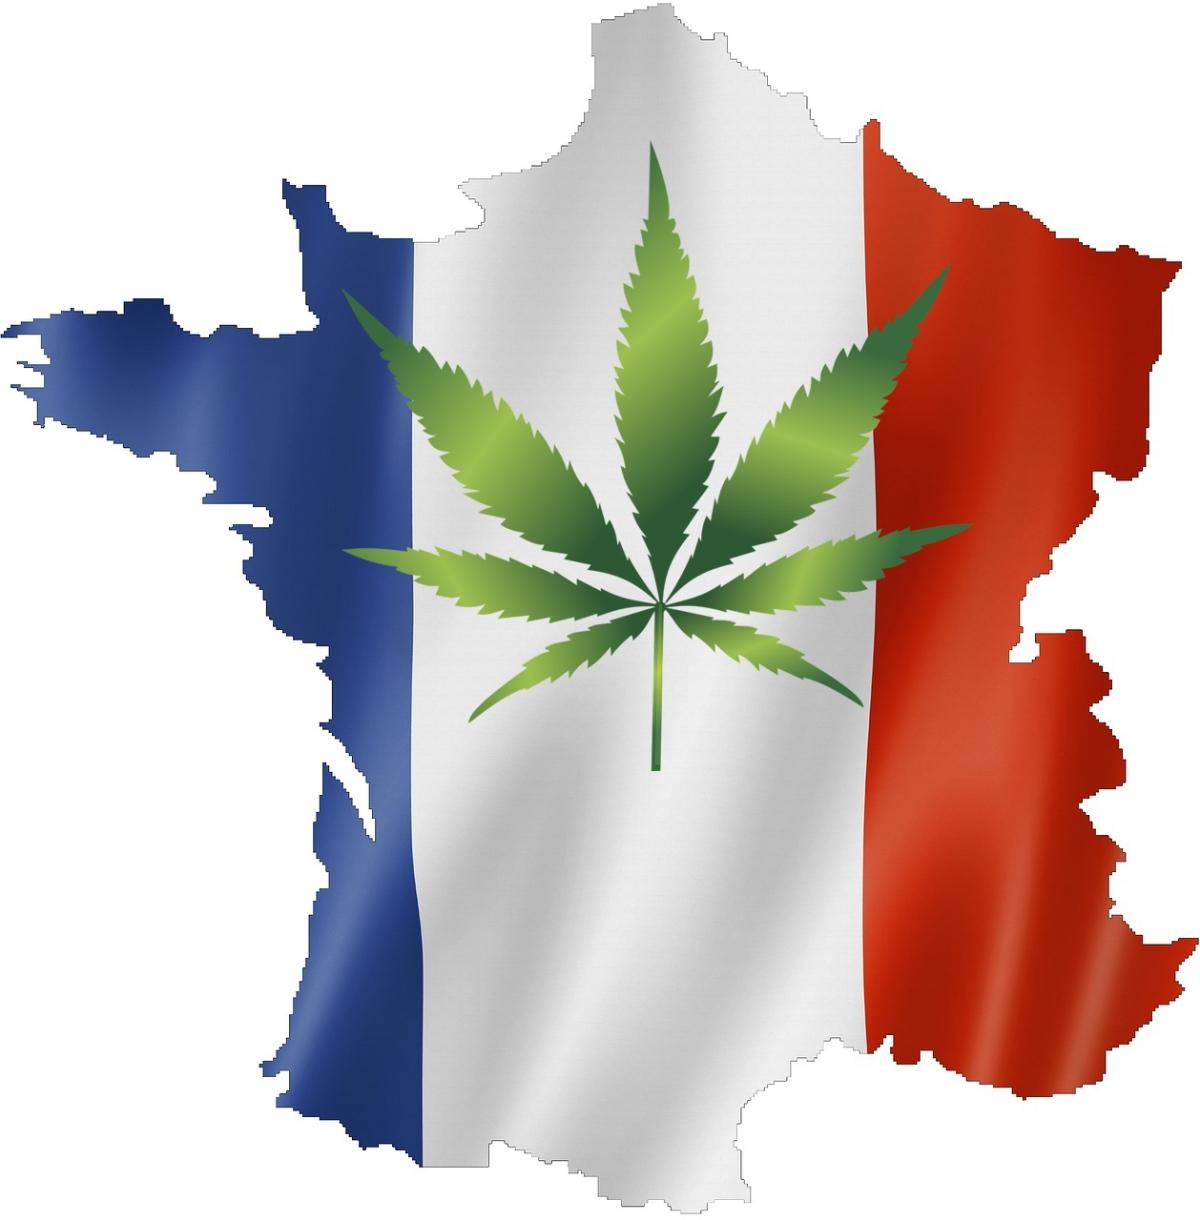 Pourquoi faut-il légaliser le cannabis en France?